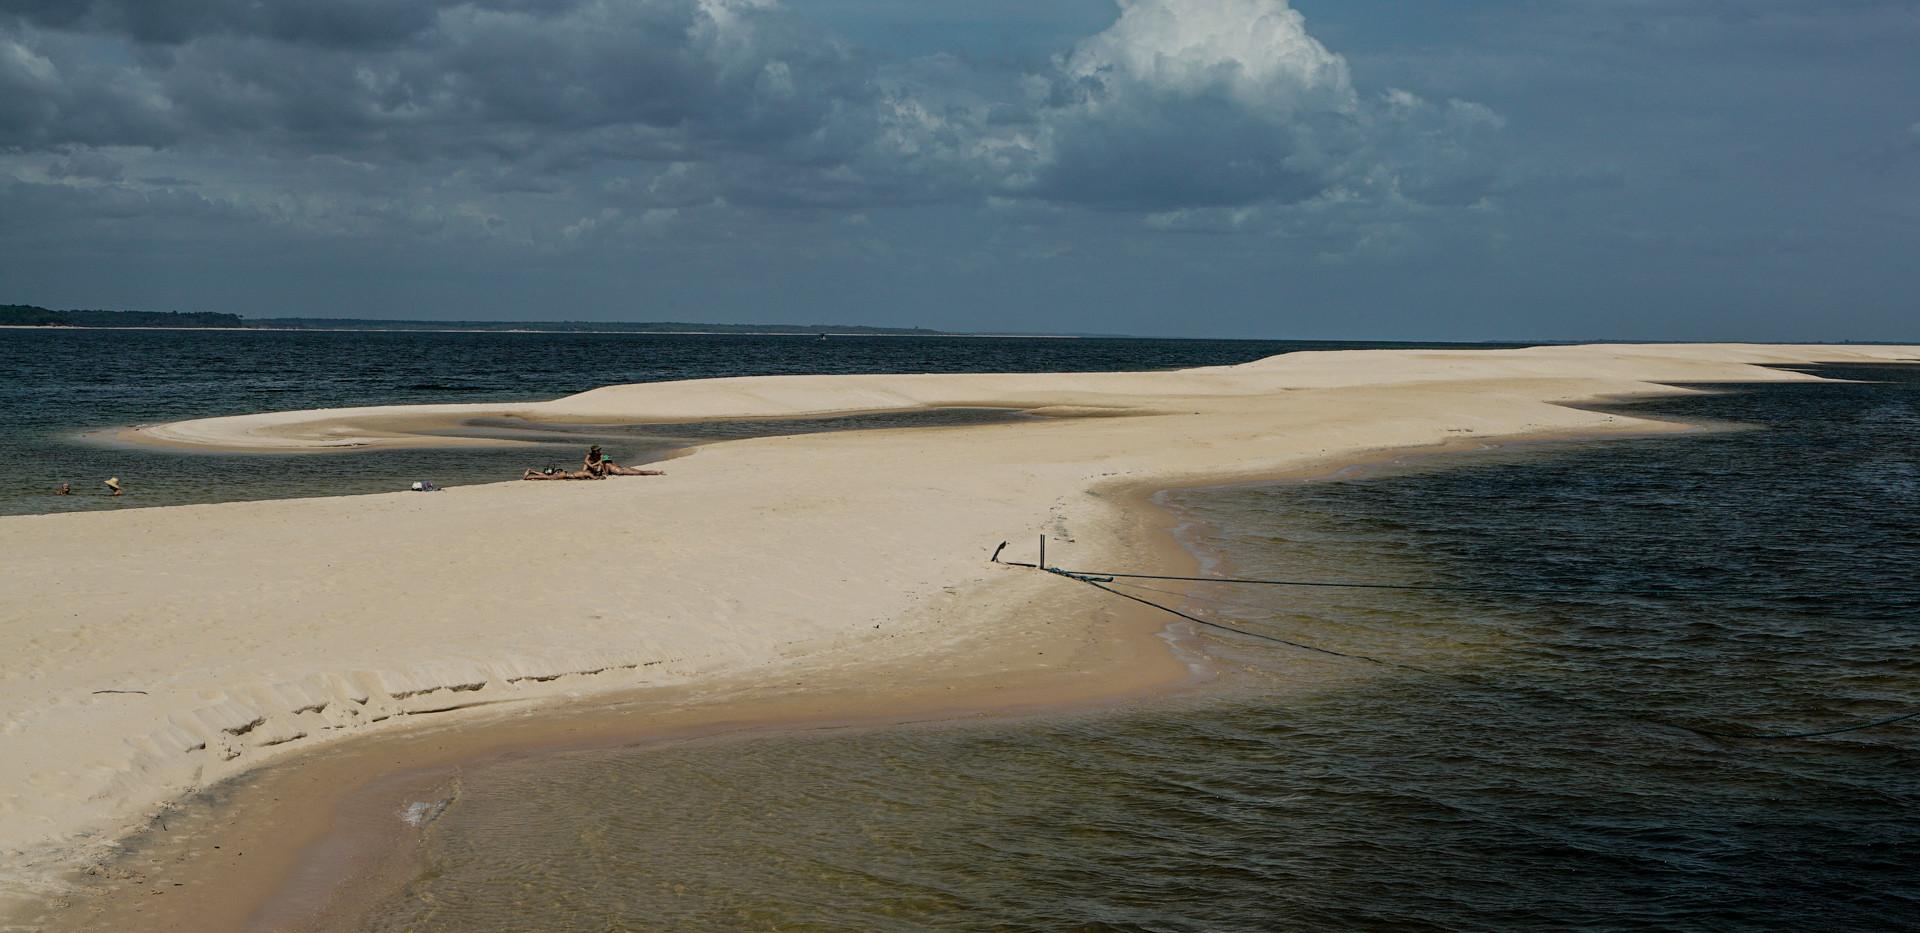 O rio Arapiuns e suas pontas de areia. Foto de Davi Boarato